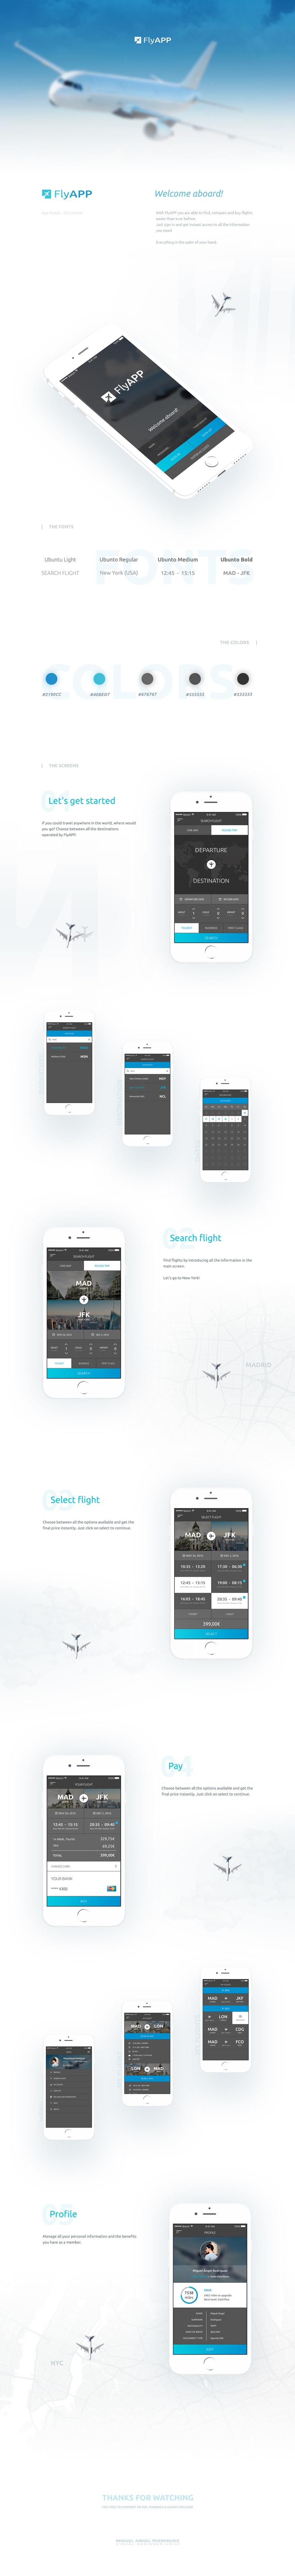 FlyAPP - App Design 0